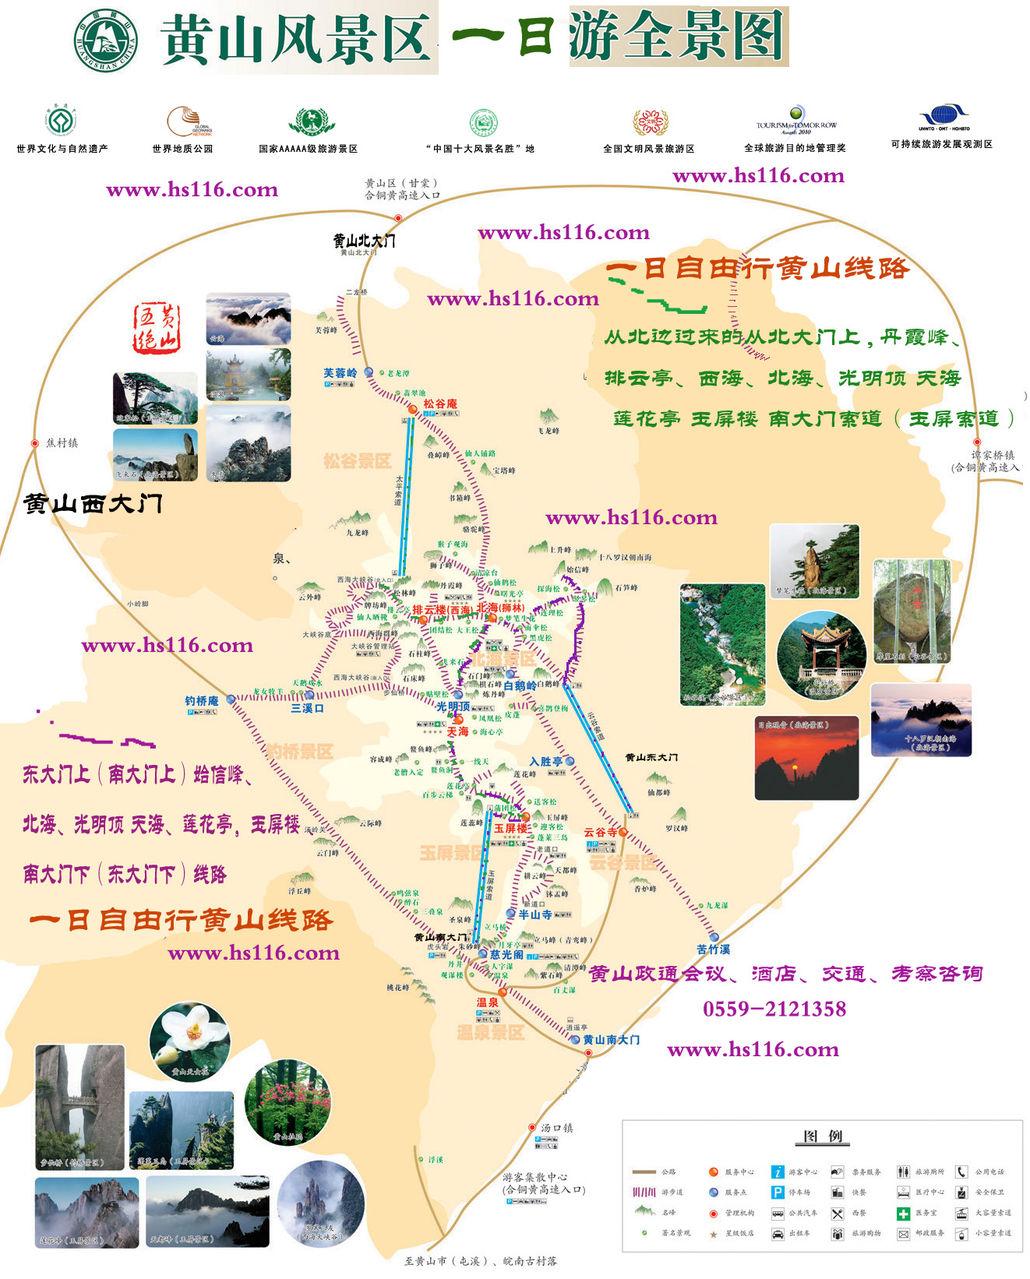 黄山风景区游览的顺序